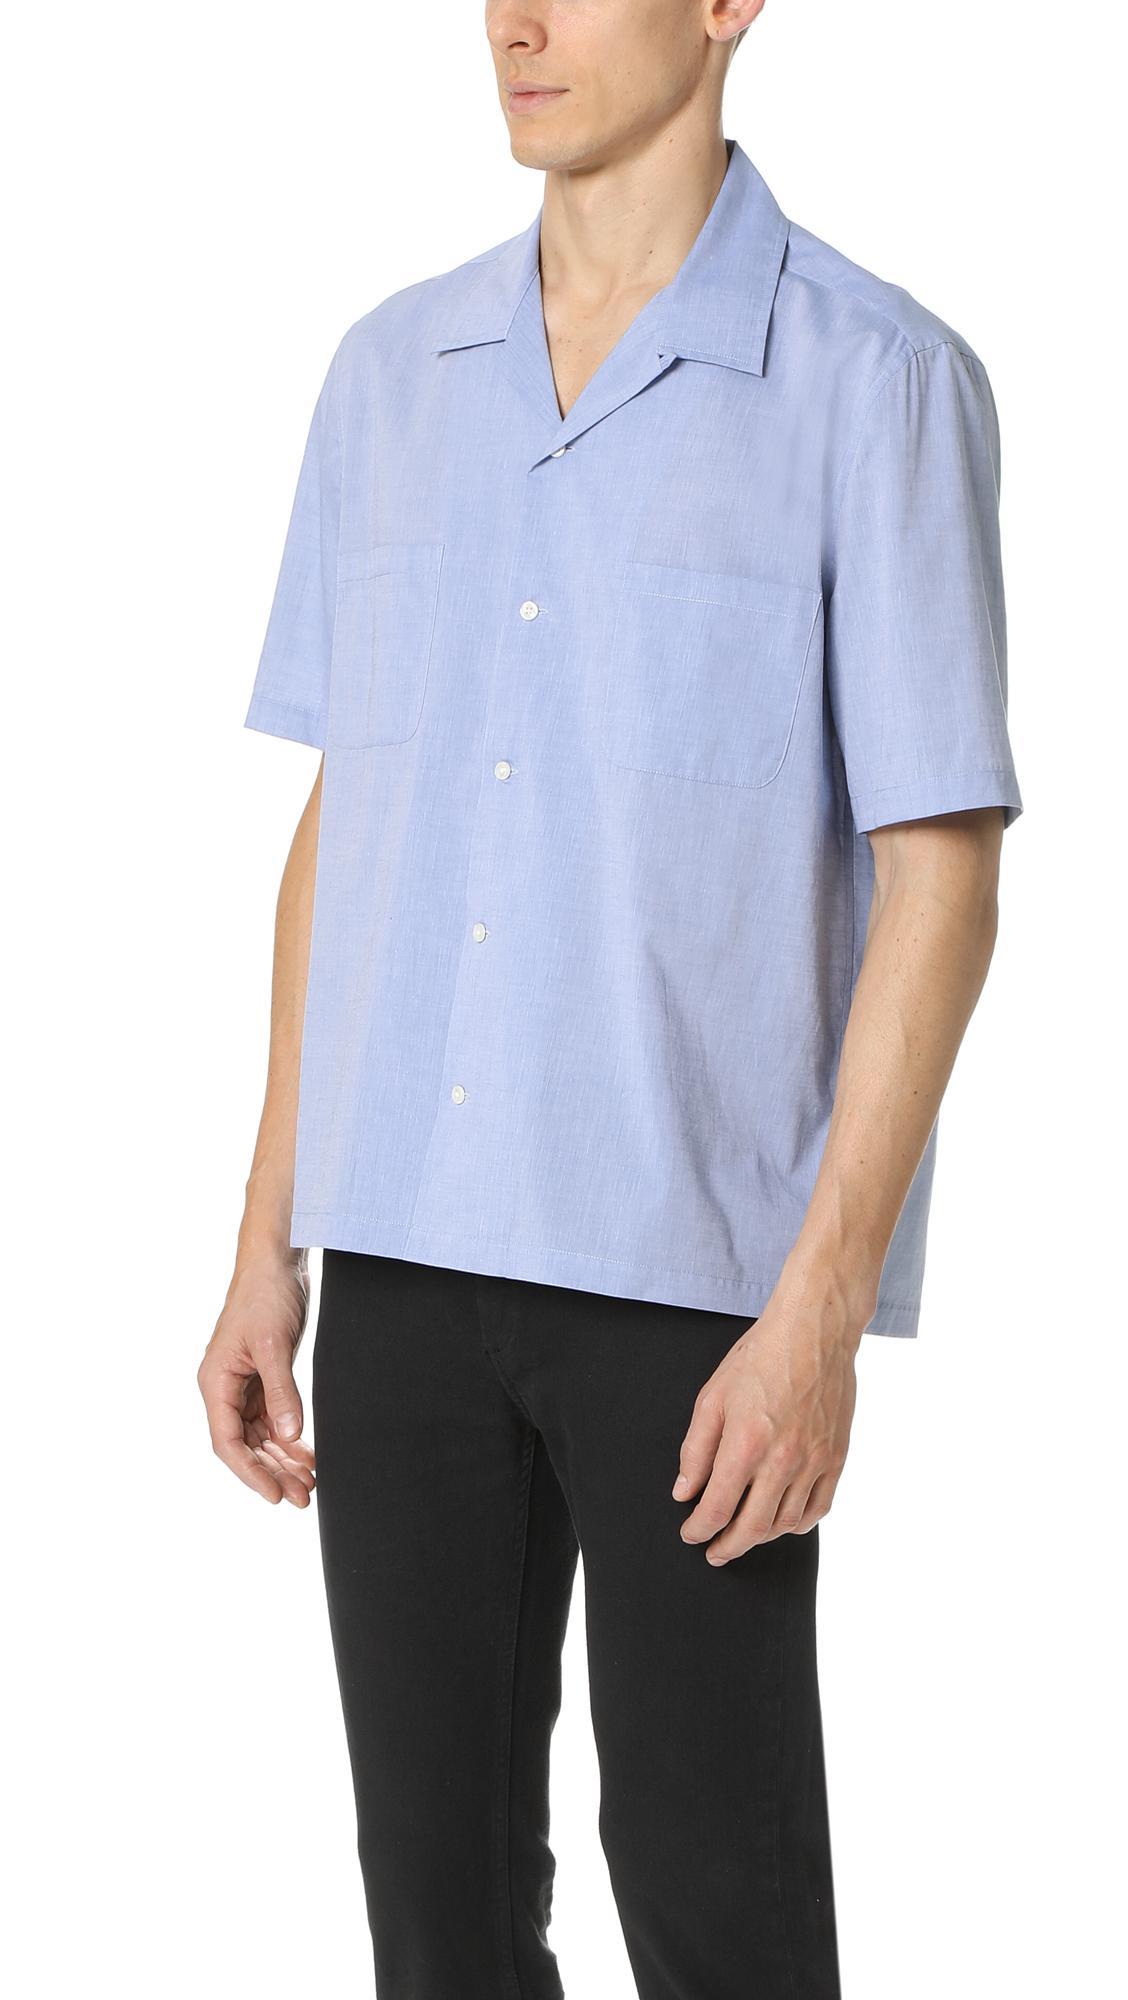 Vince Cotton Cabana Shirt in Vintage Blue (Blue) for Men